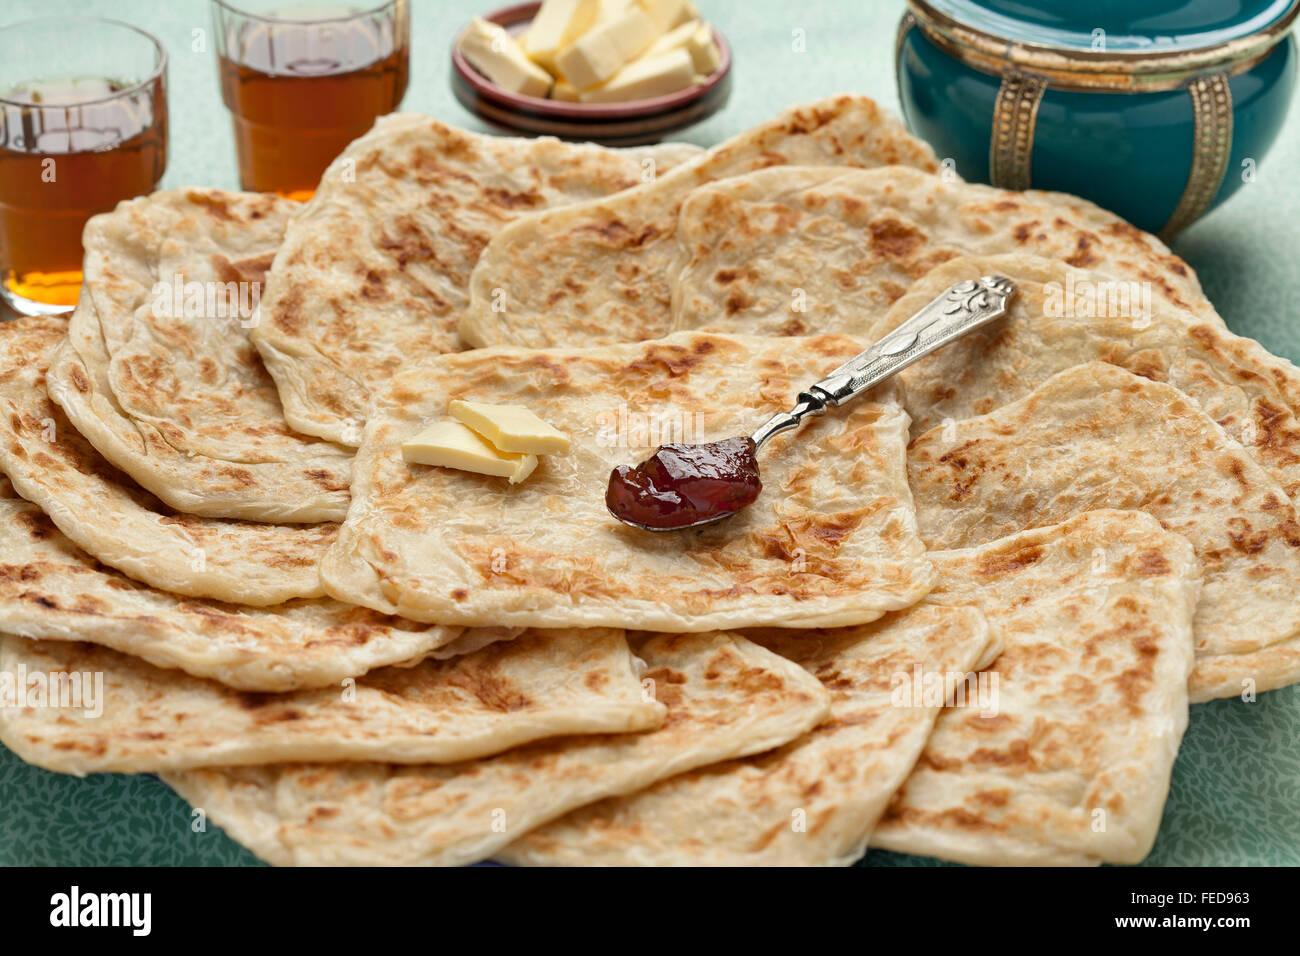 Freschi di forno piazza marocchina frittelle chiamato Rghaif o Msemen con burro e marmellata Immagini Stock